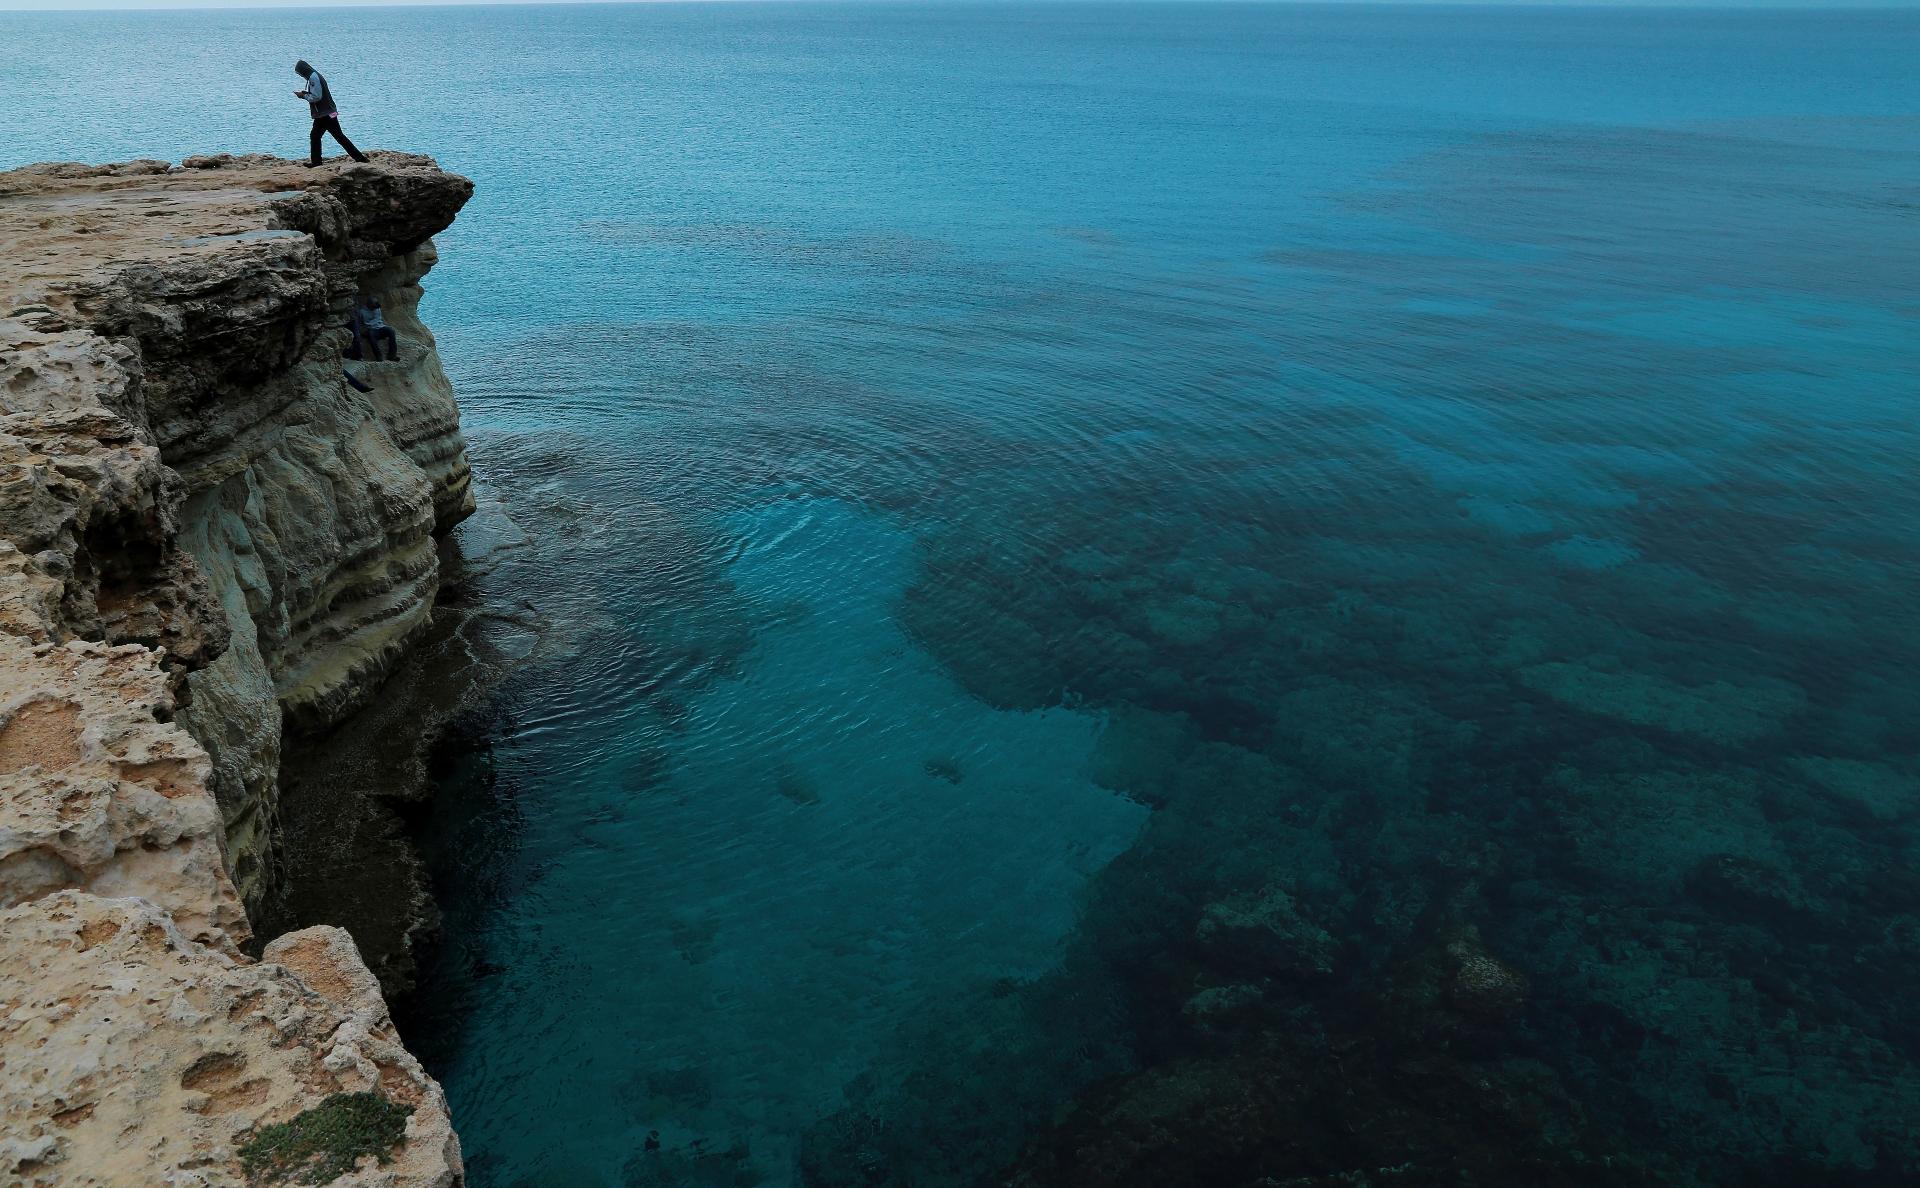 Айия-Напа, Кипр